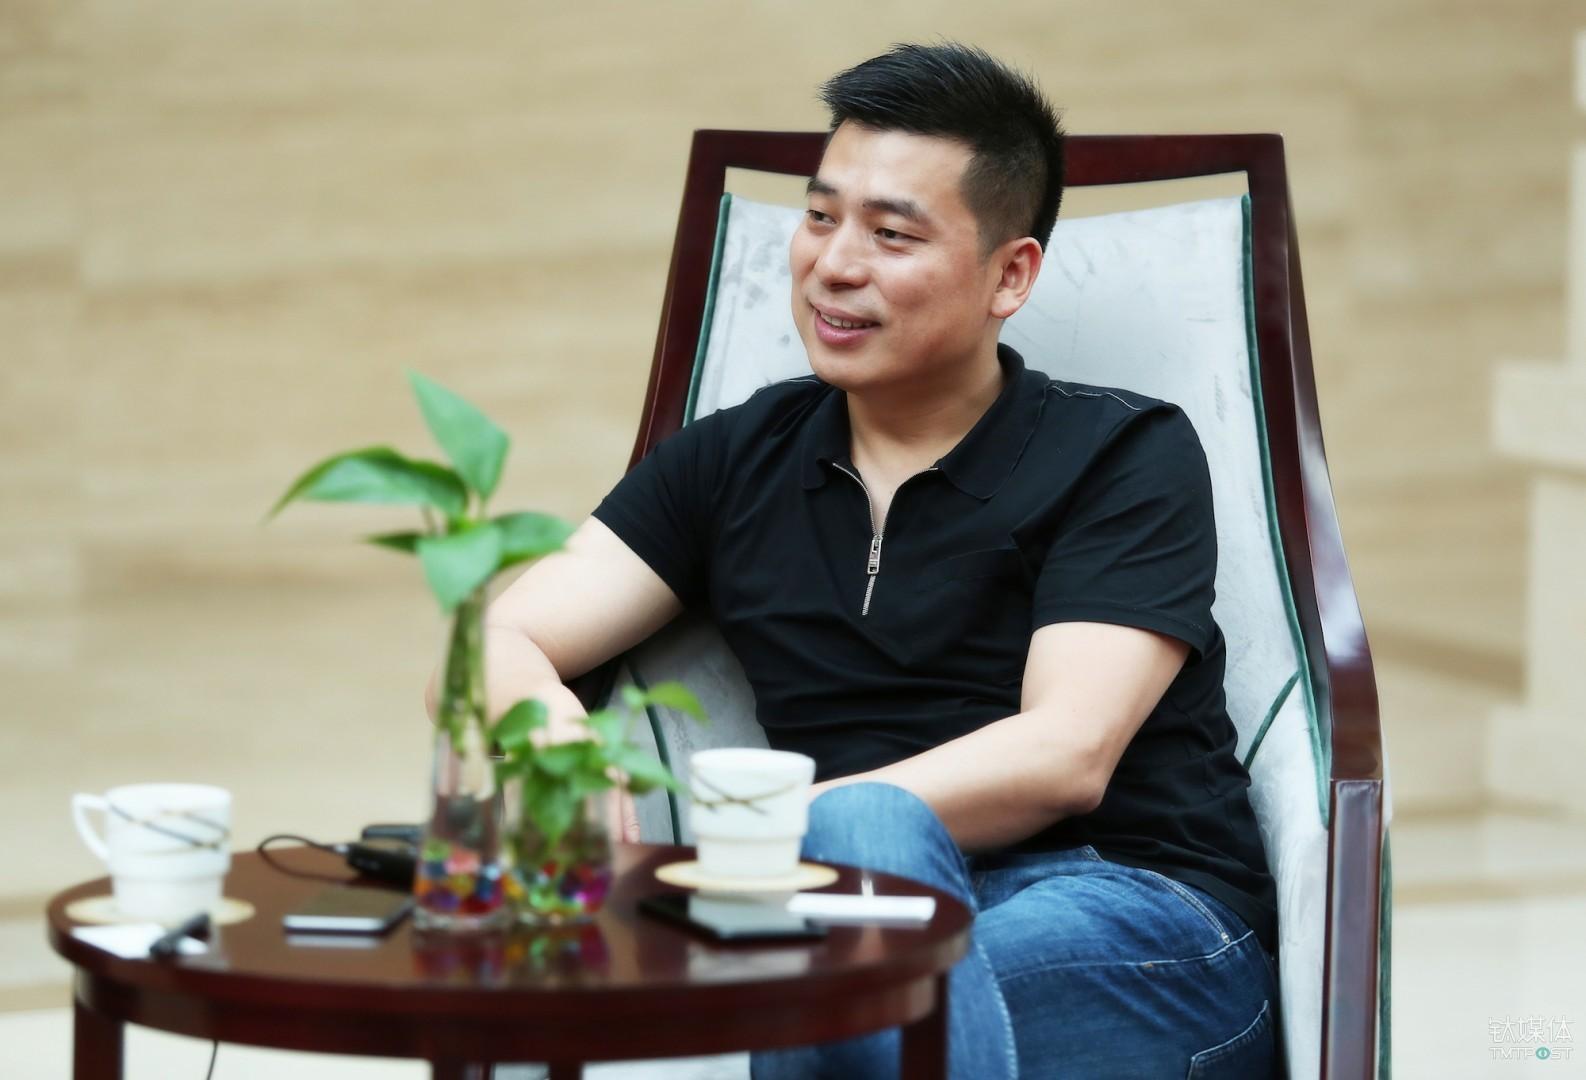 暴风统帅 CEO 刘耀平